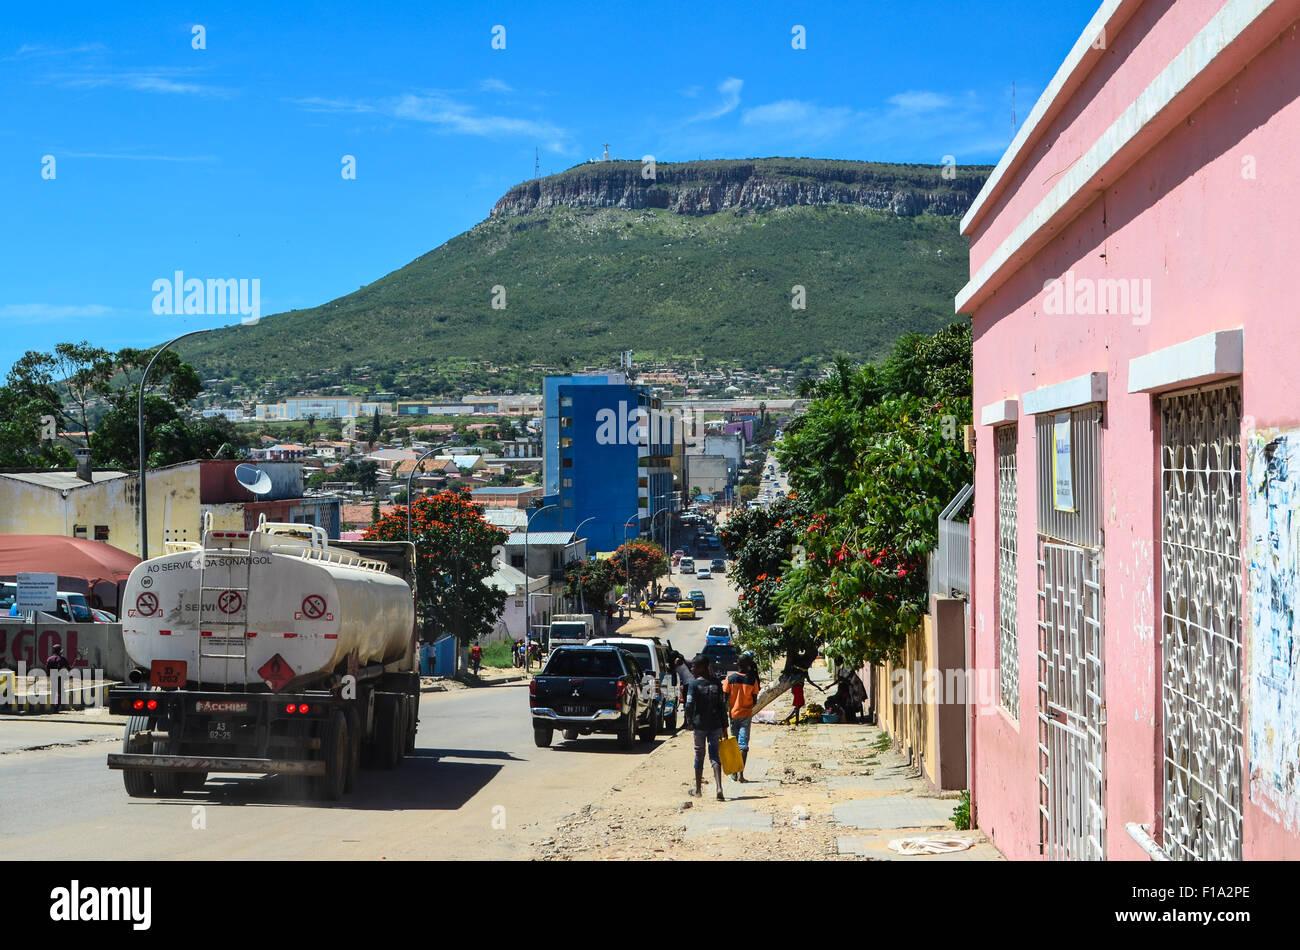 Streets of Lubango, Angola - Stock Image